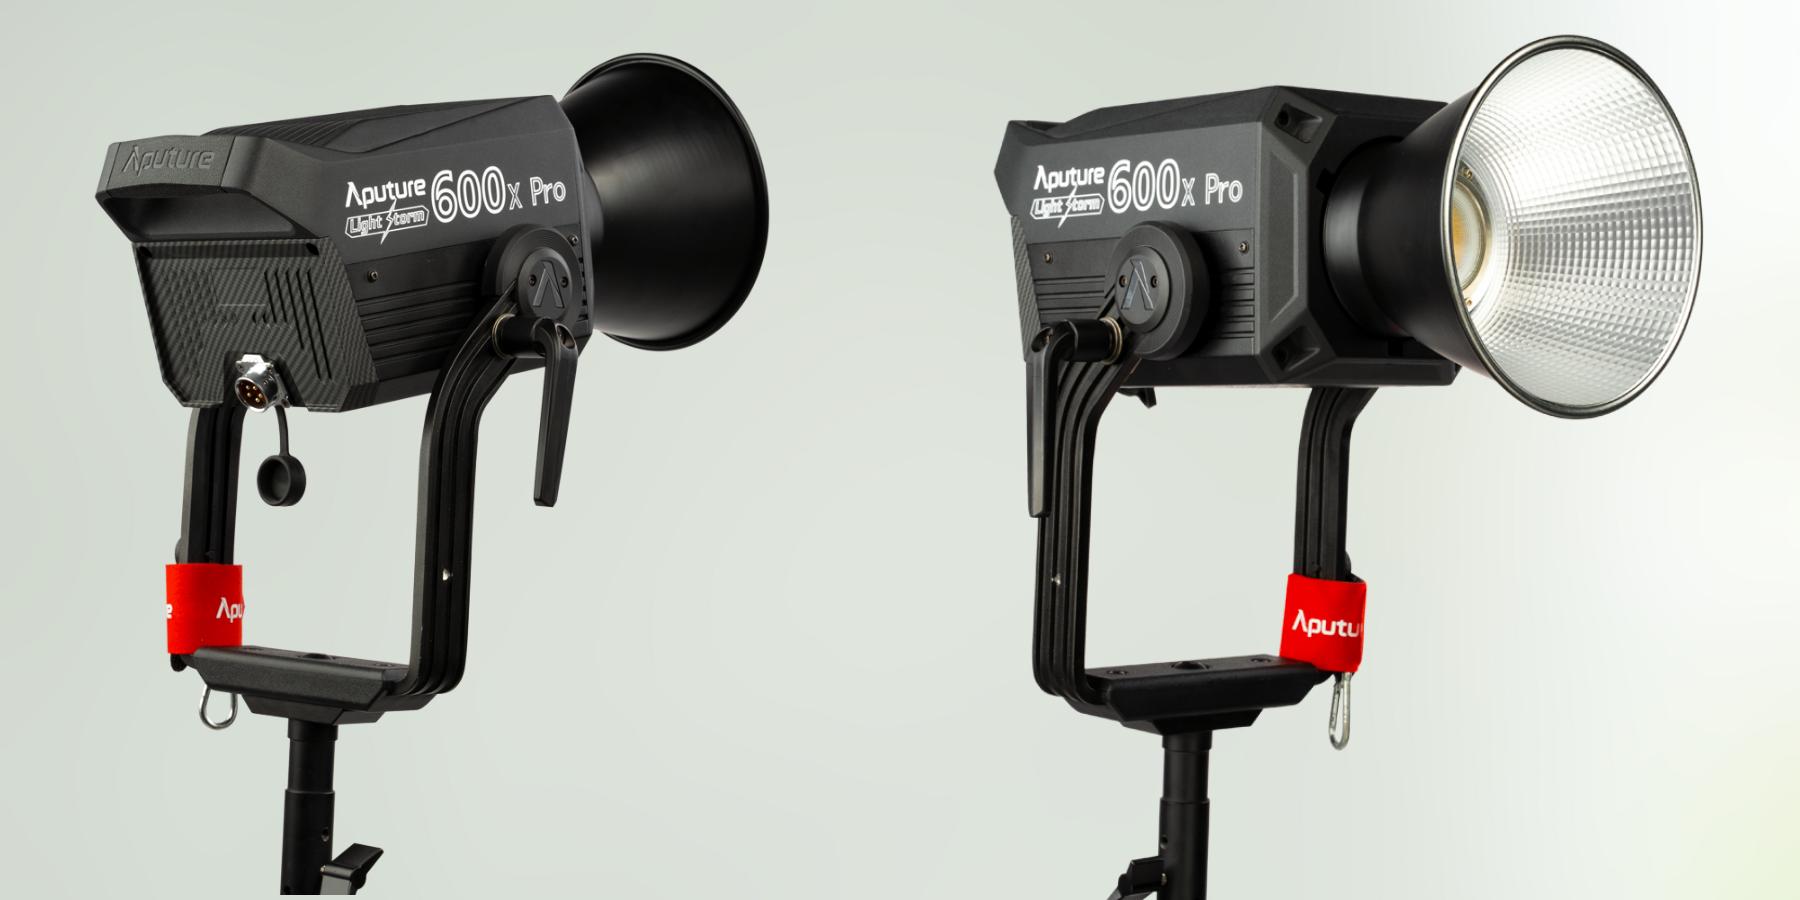 Aputure LS 600x Pro Lamp Head